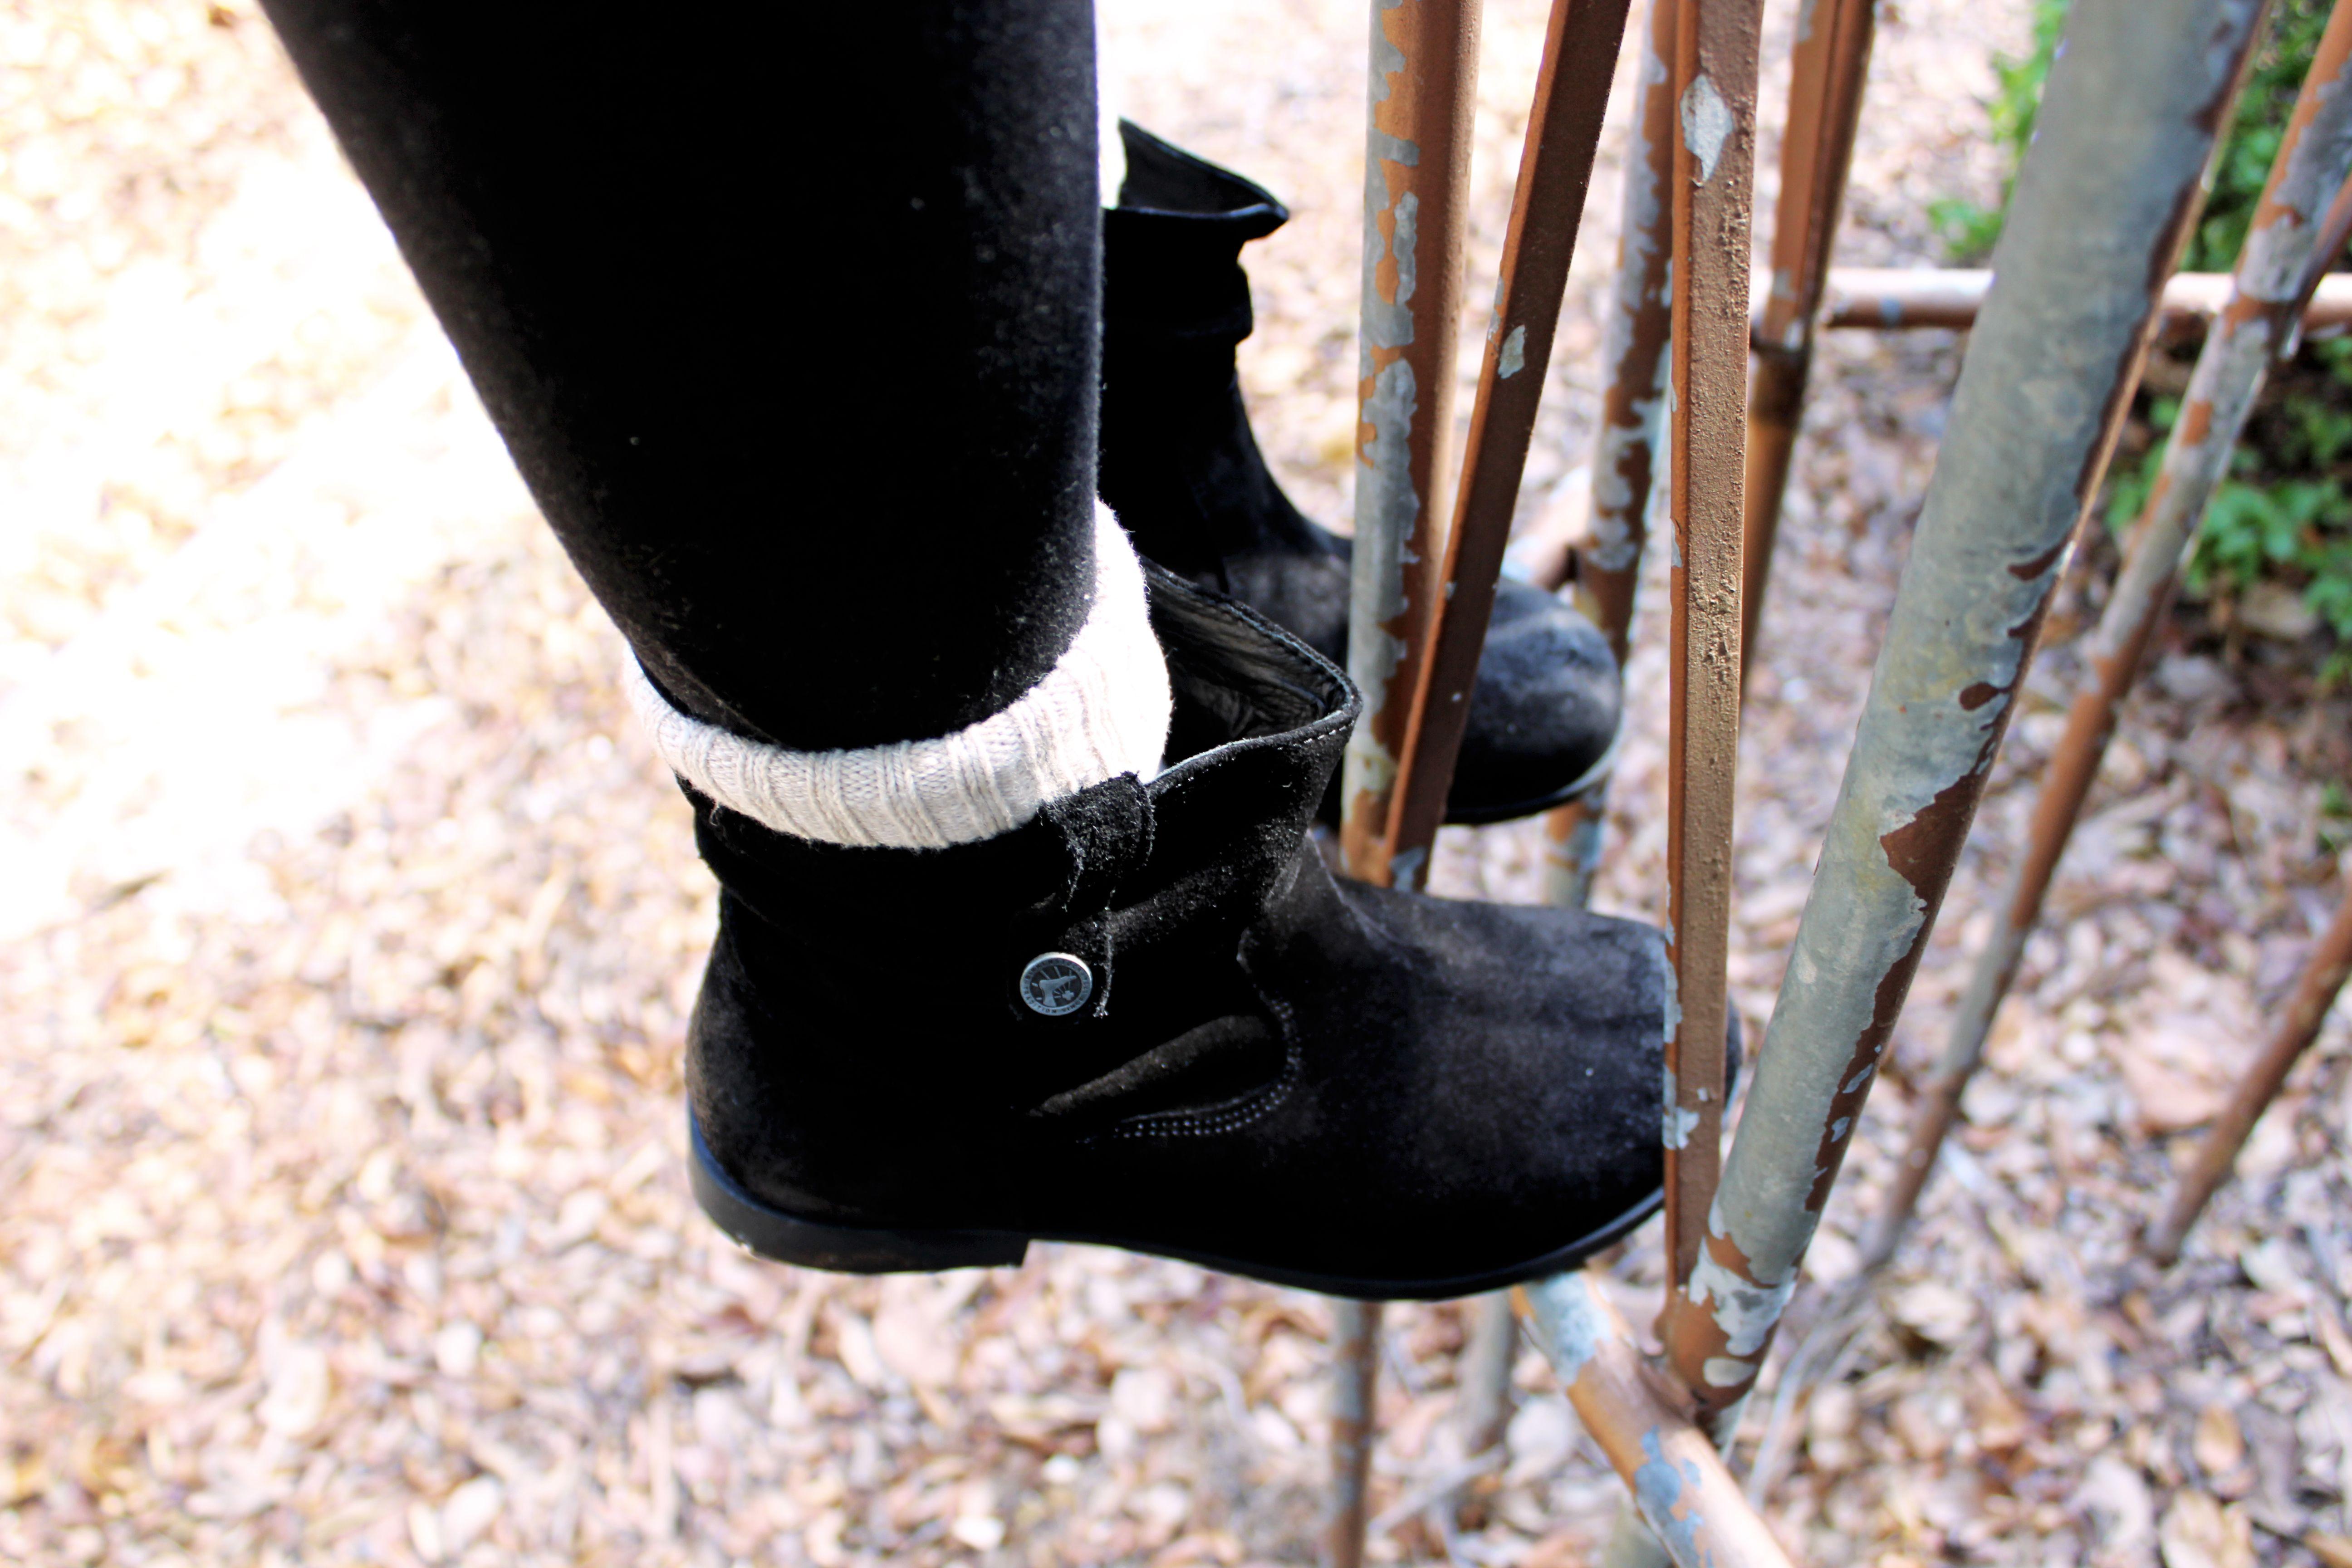 Birkenstock Sarnia | Suede ankle boots, Birkenstock, Black suede